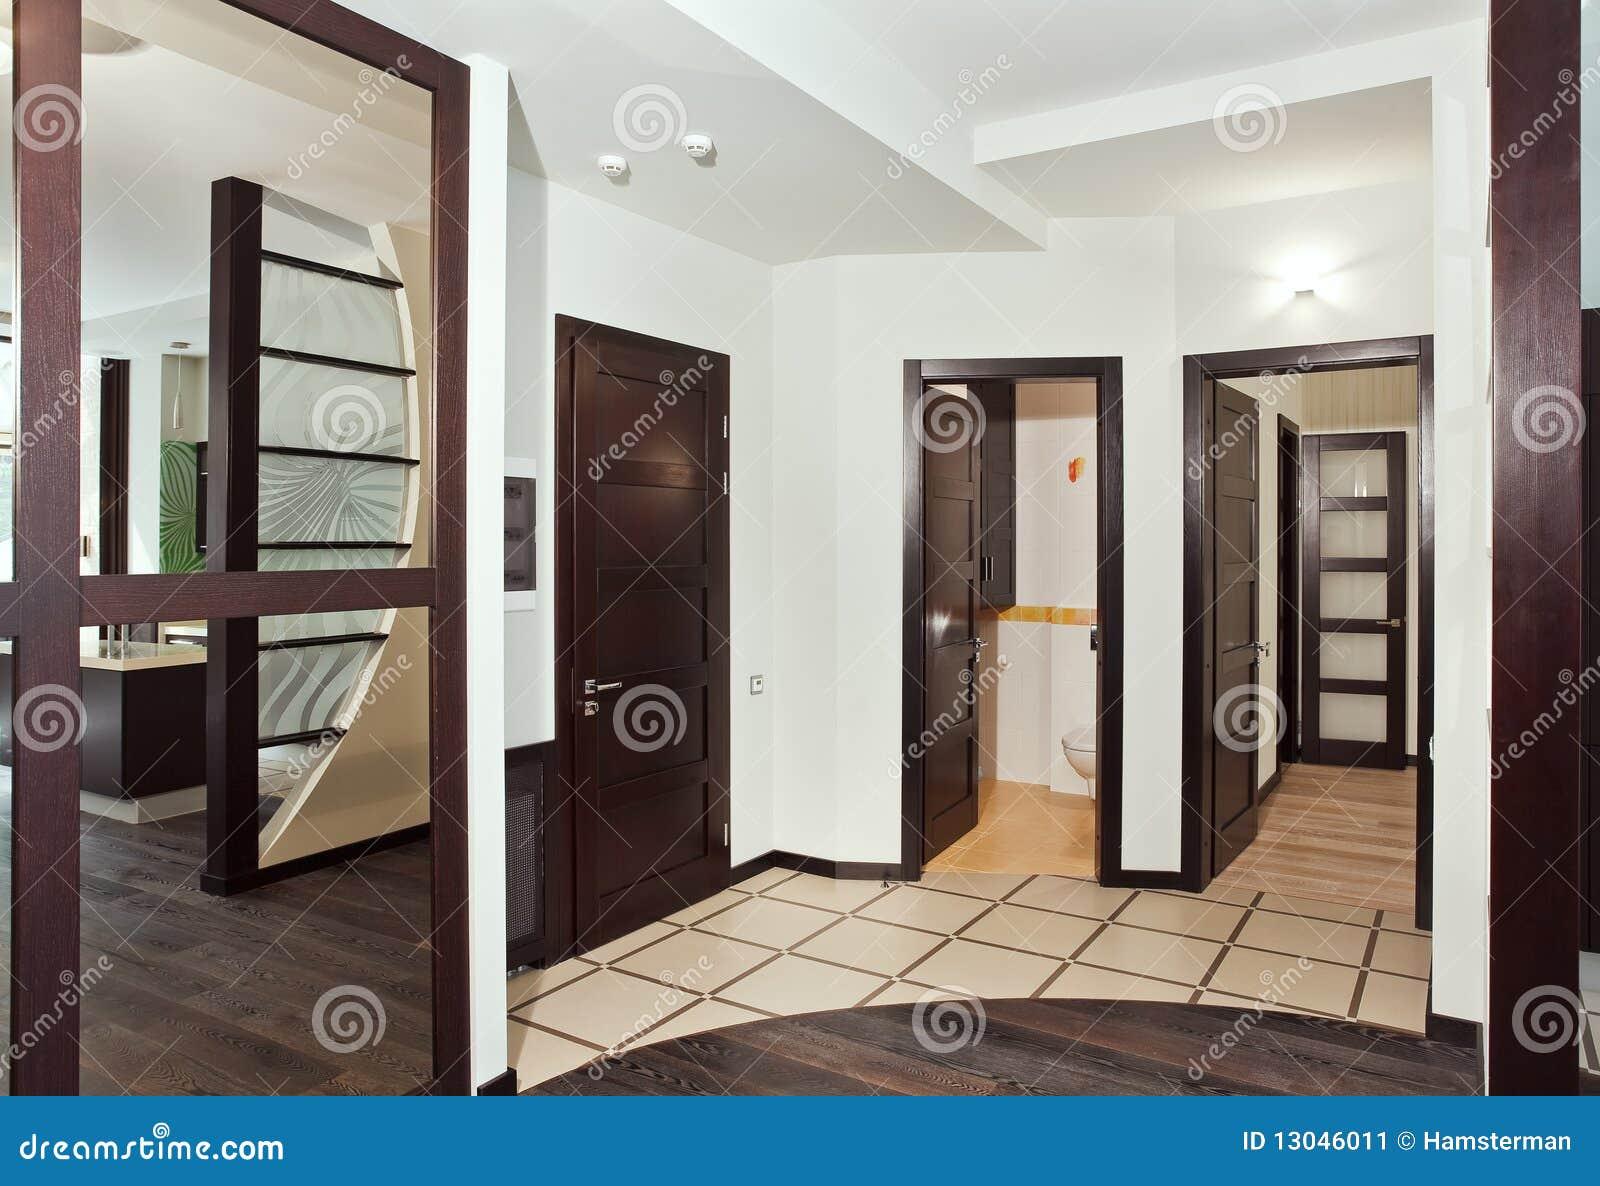 Pin pin puertas interiores casas de madera americanas for Diseno pasillos interiores